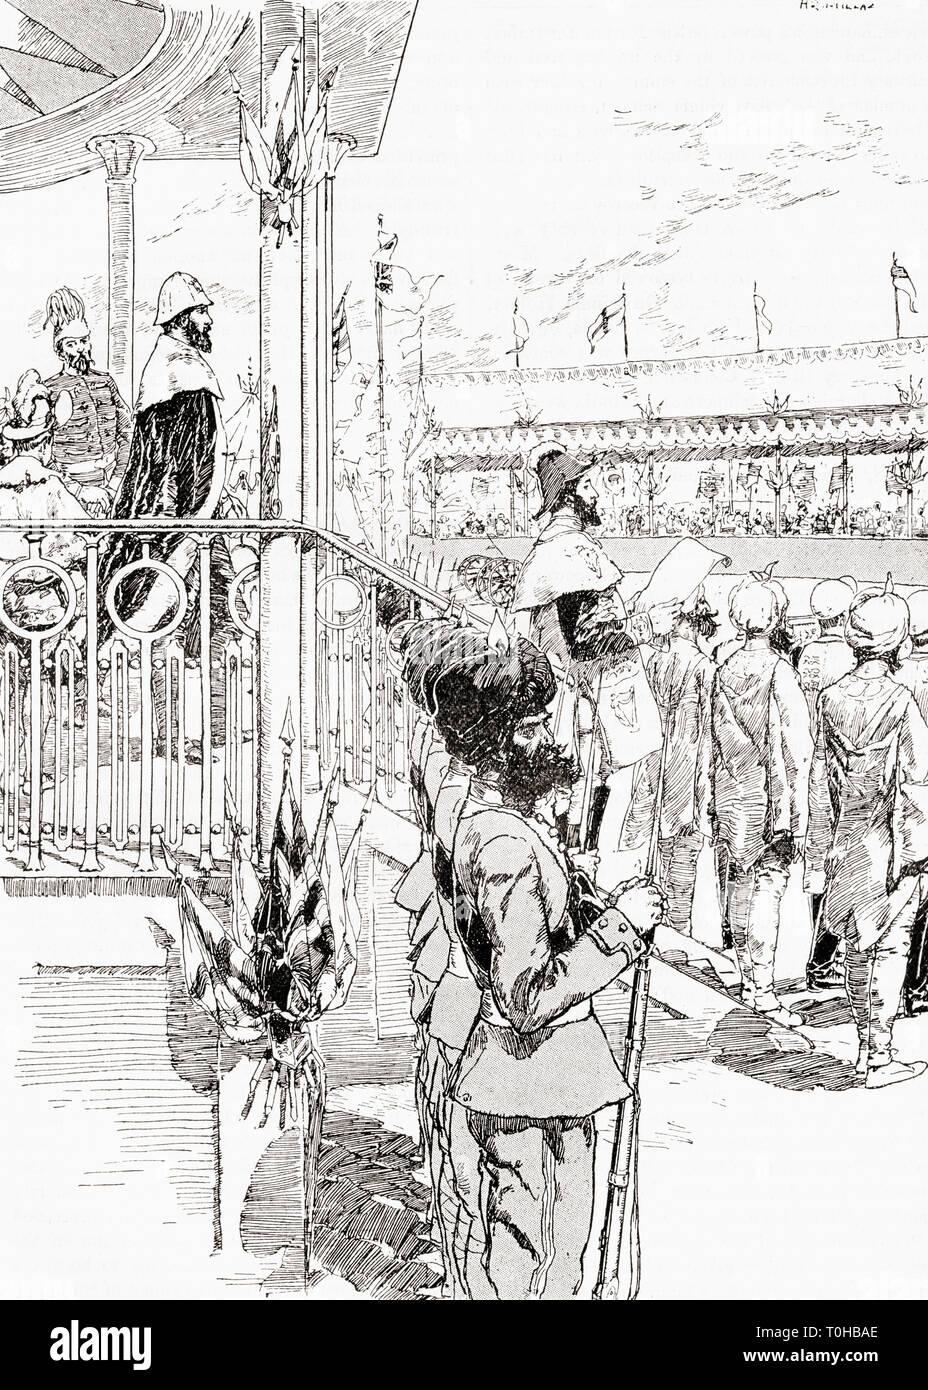 Vizekönig von Indien, Robert Bulwer Lytton, Delhi, 1877 Stockfoto